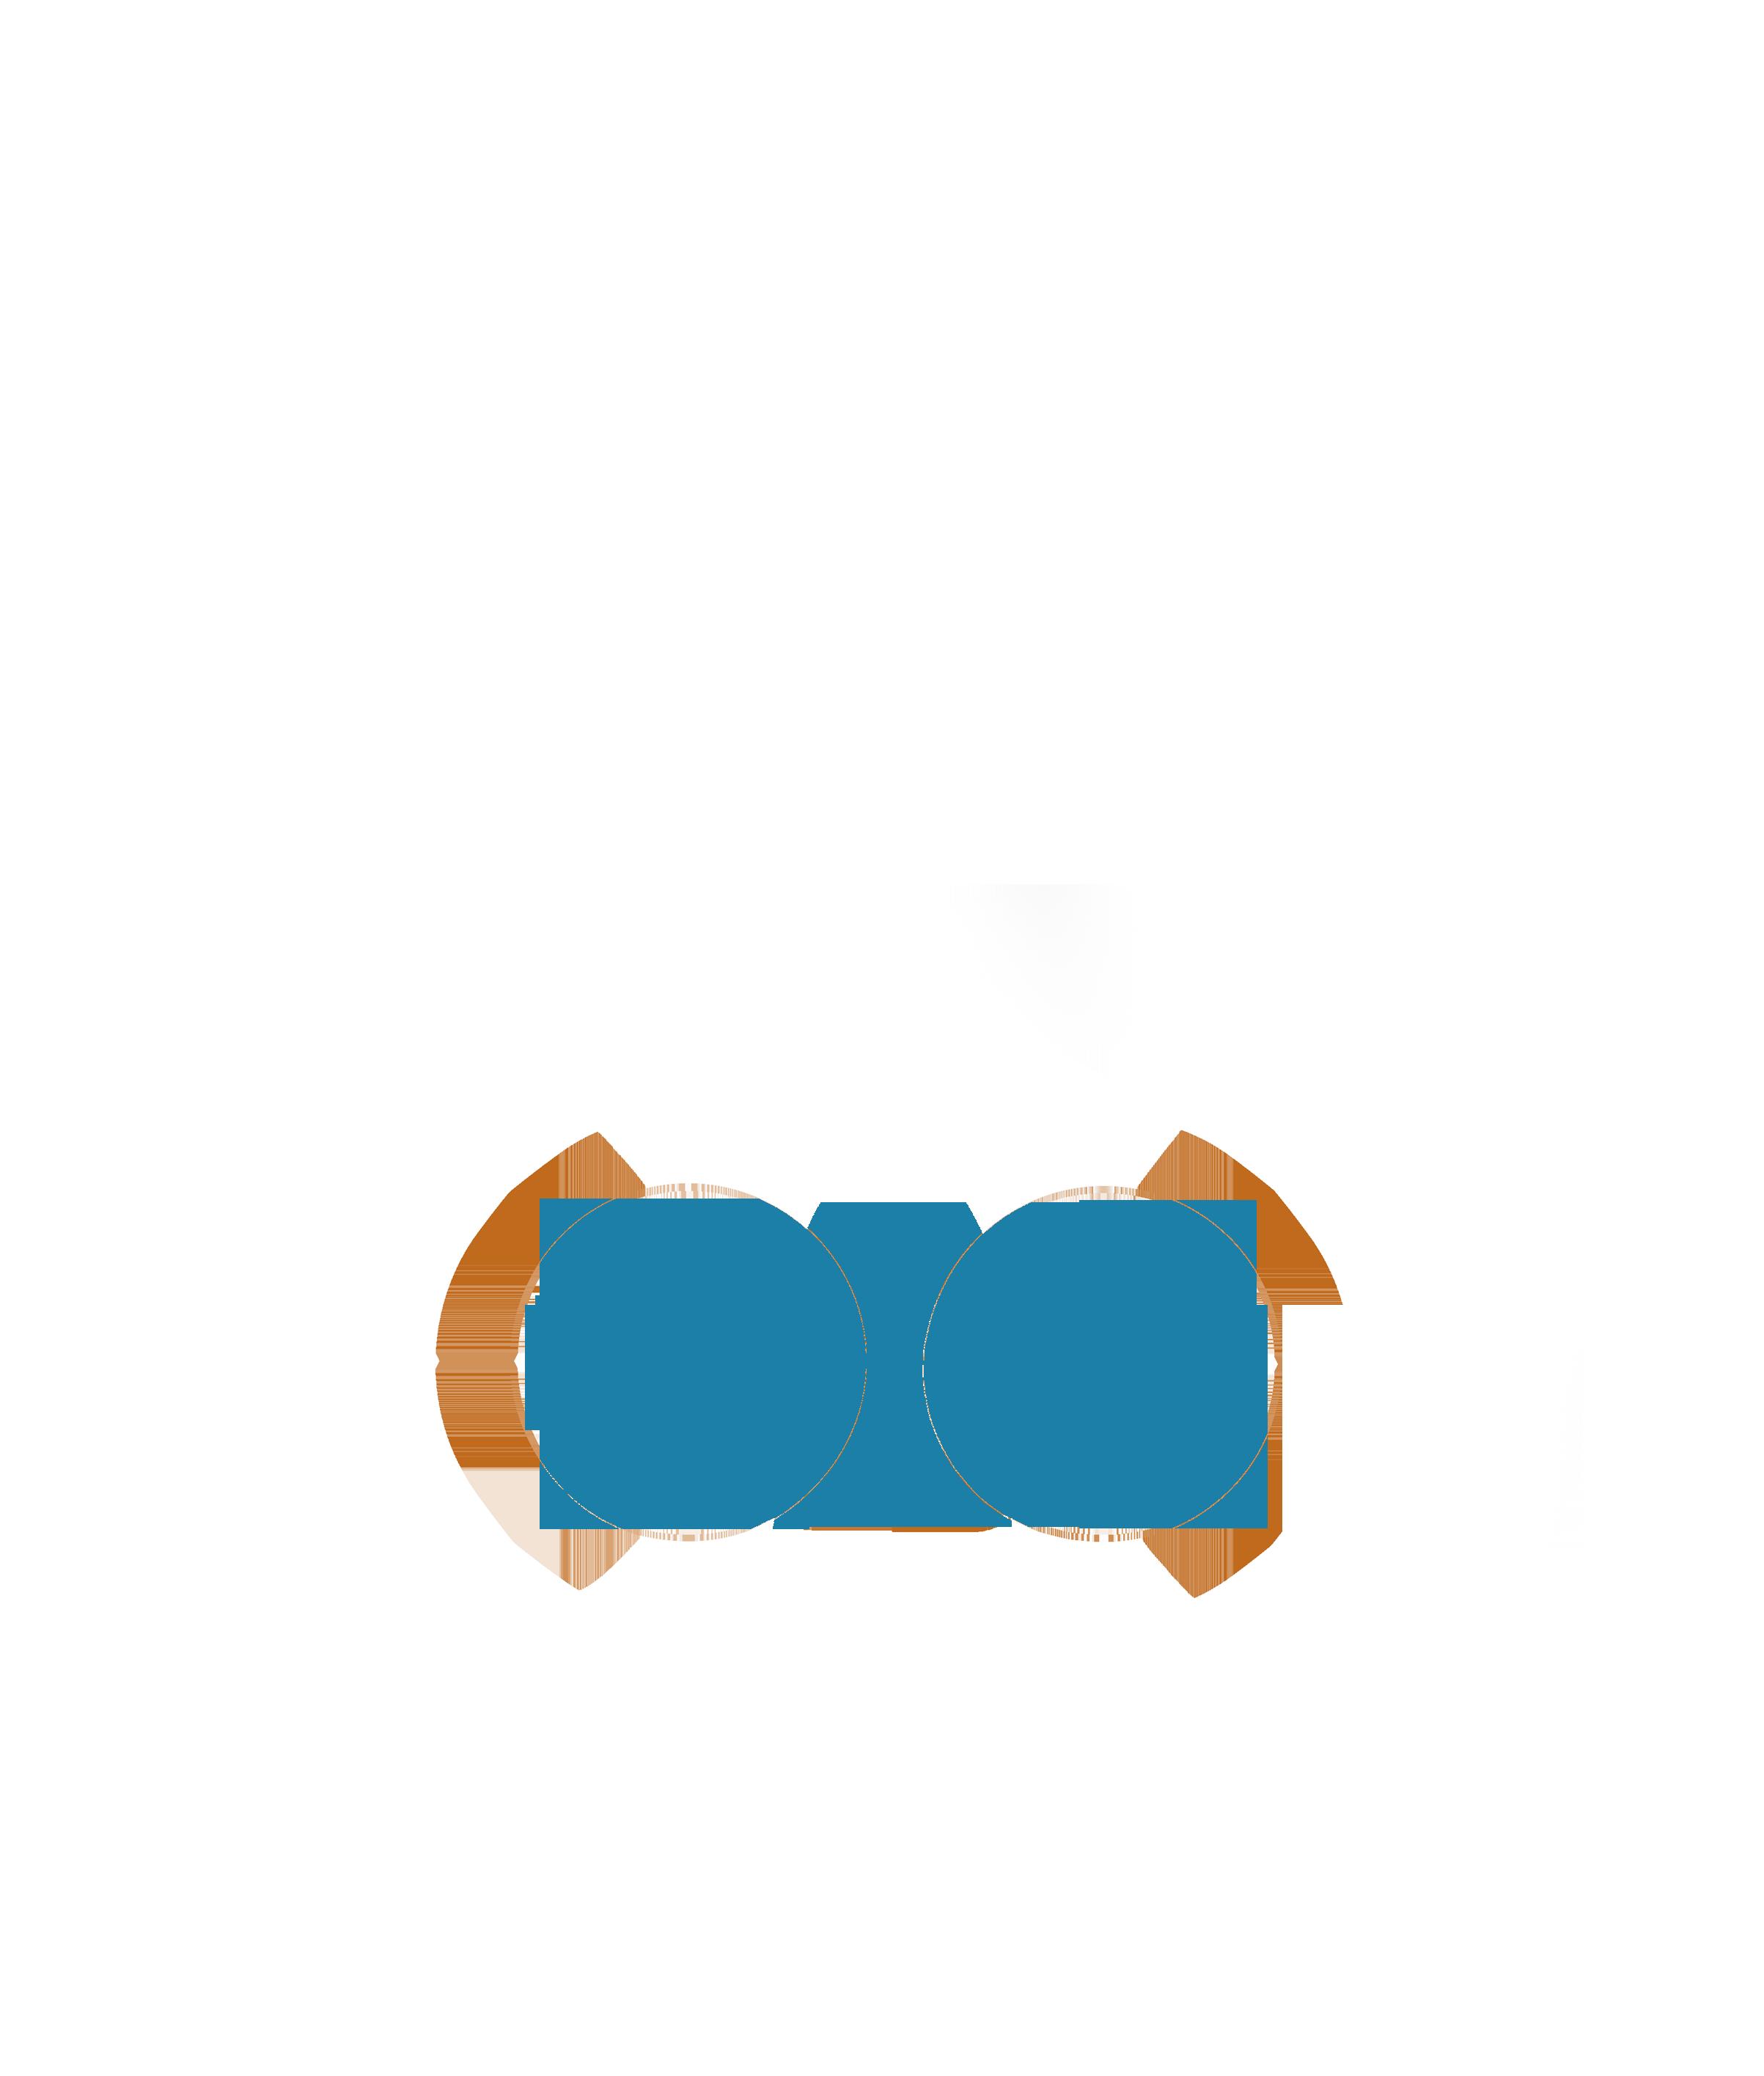 bdweblogoblu